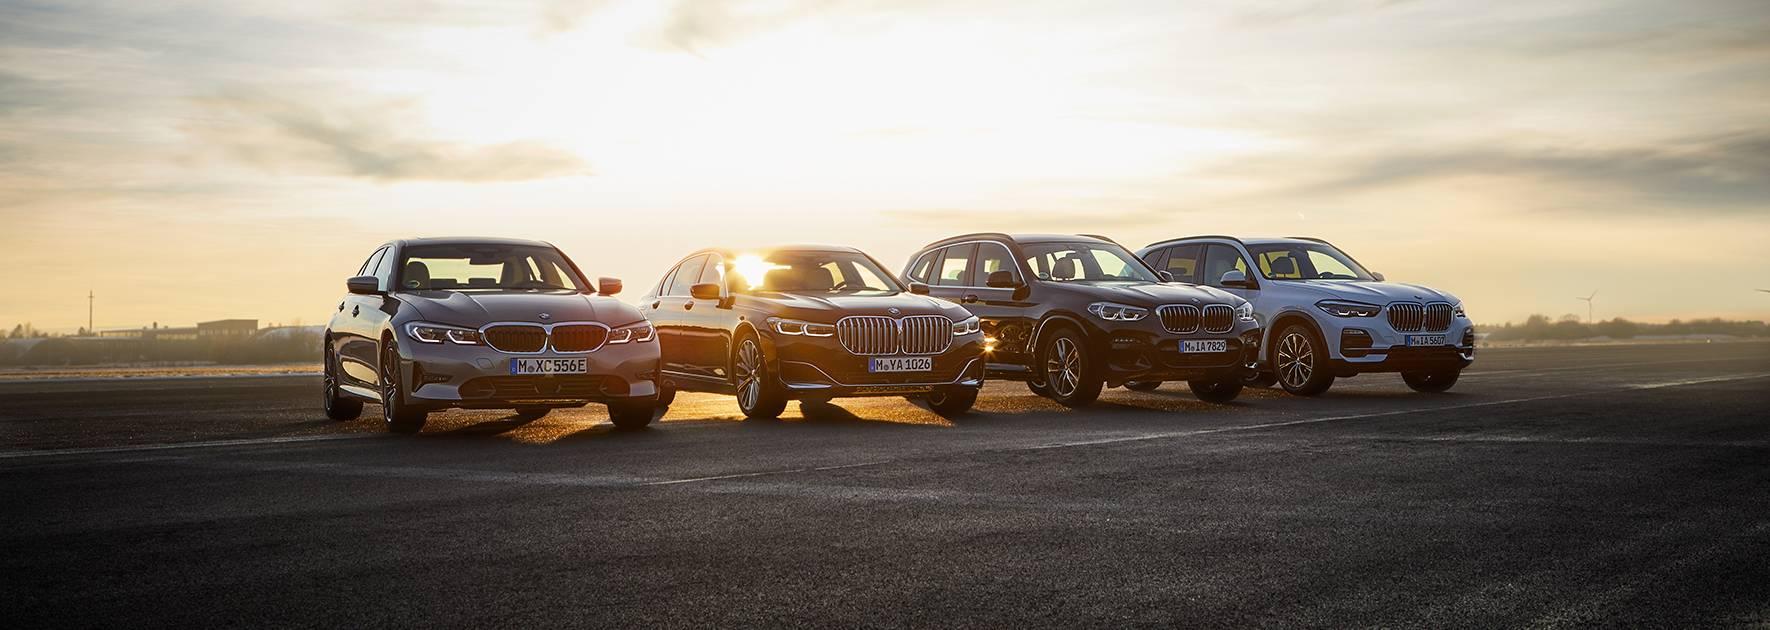 一线城市的路上奔跑的530le,x1 xdrive25le和 i3是宝马新能源车给